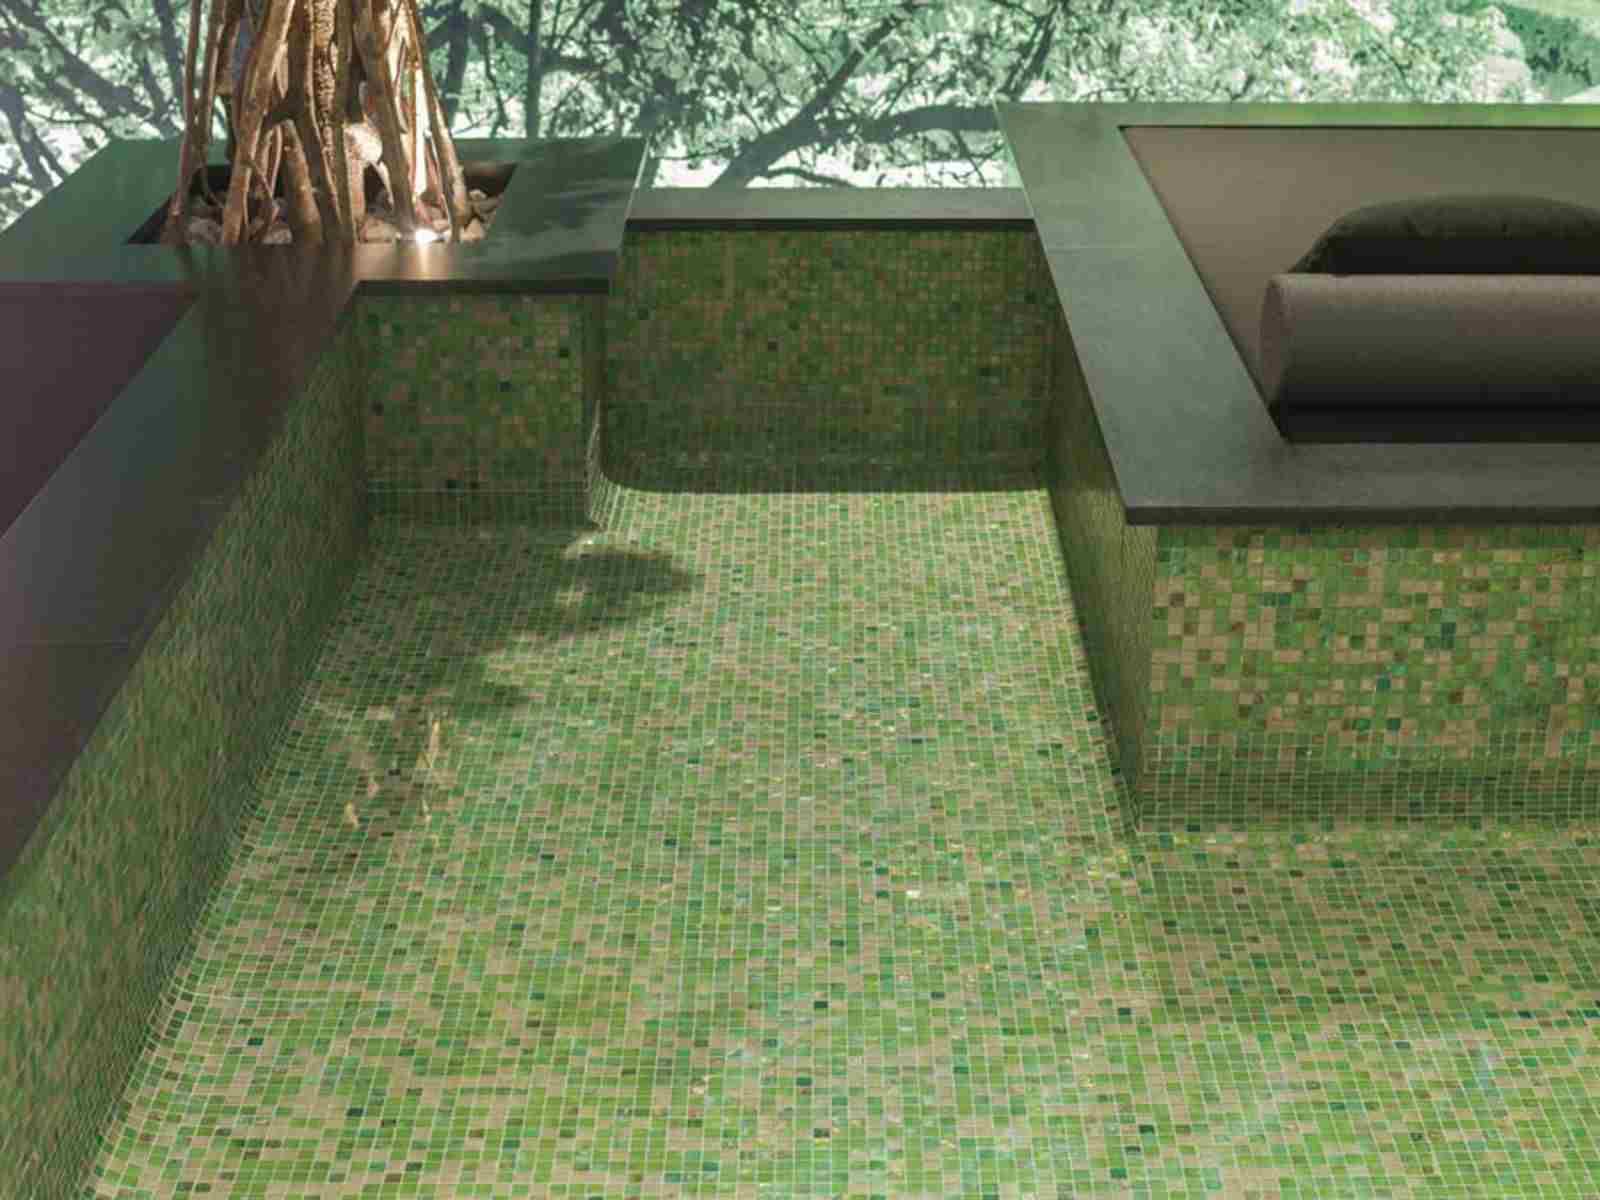 Choisir-mosaique-pour-piscine